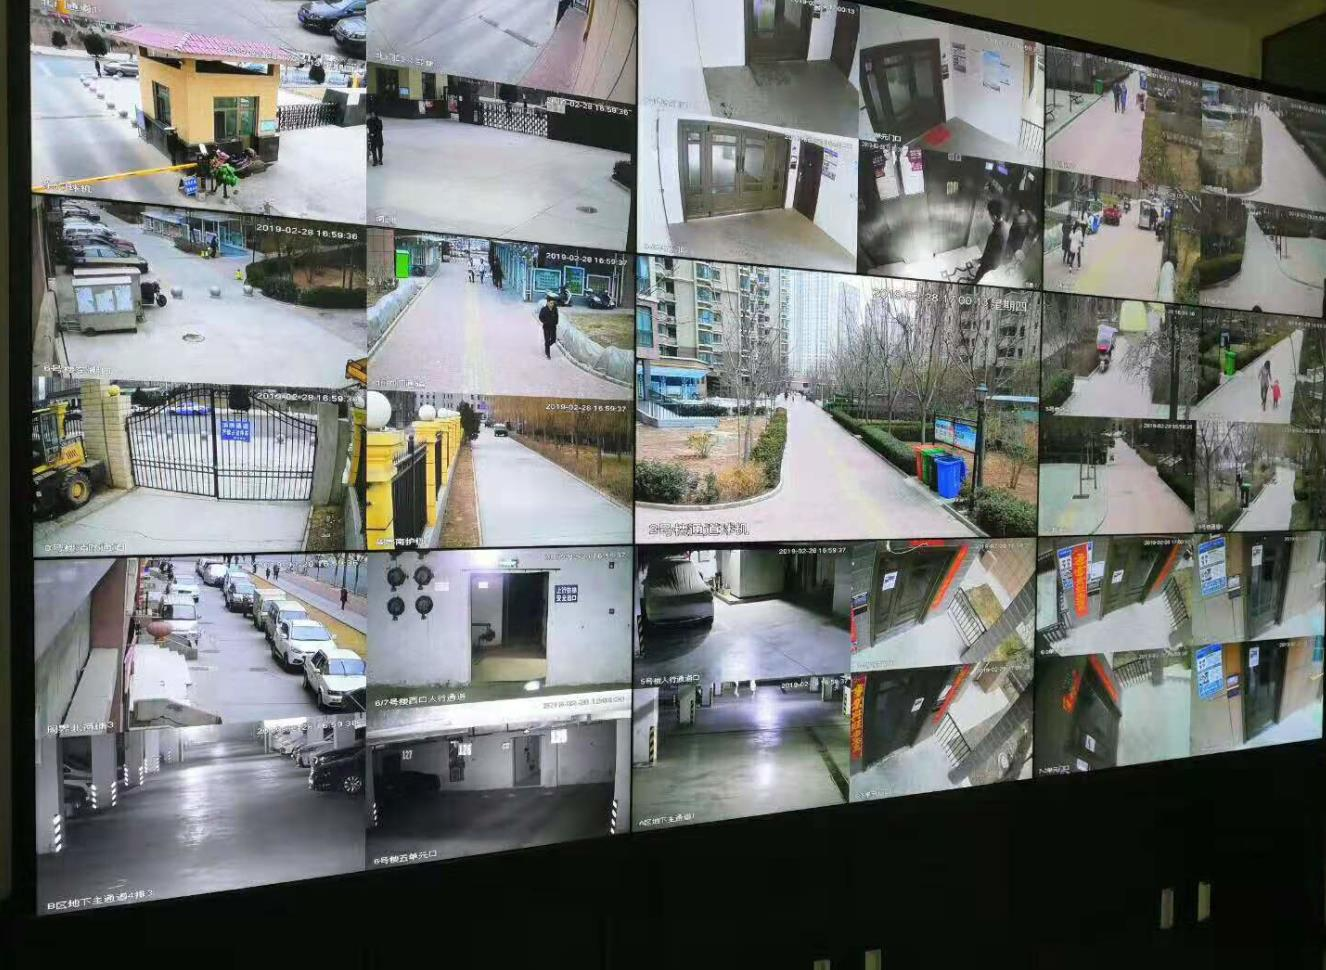 兰州皋兰县汇金广场楼宇对讲系统|监控系统及停车场收费系统